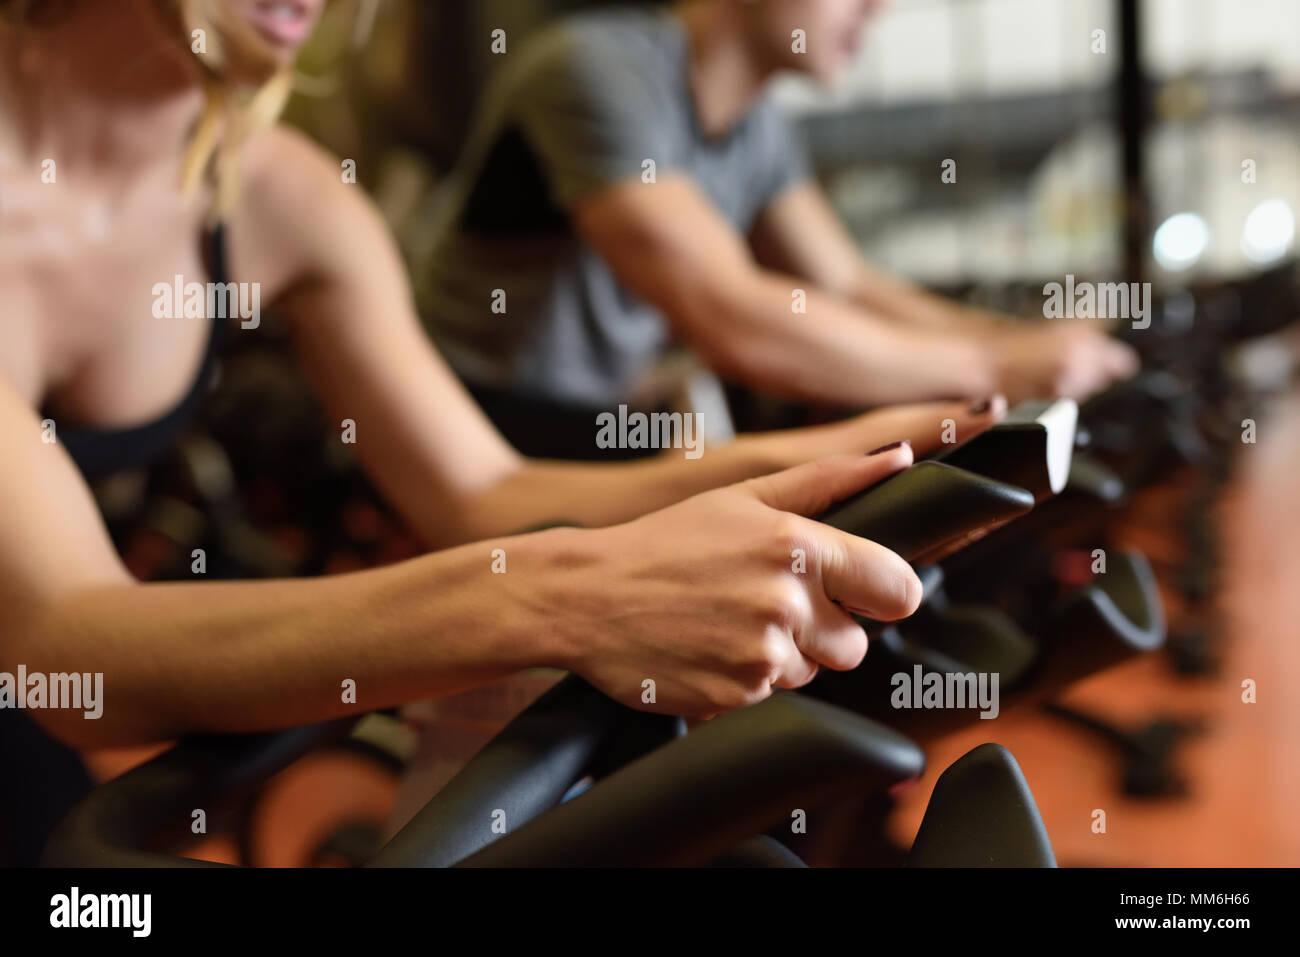 Due persone mountain bike in palestra, esercitando le gambe facendo cardio allenamento ciclismo biciclette. Matura in una classe di filatura di indossare abbigliamento sportivo. Foto Stock